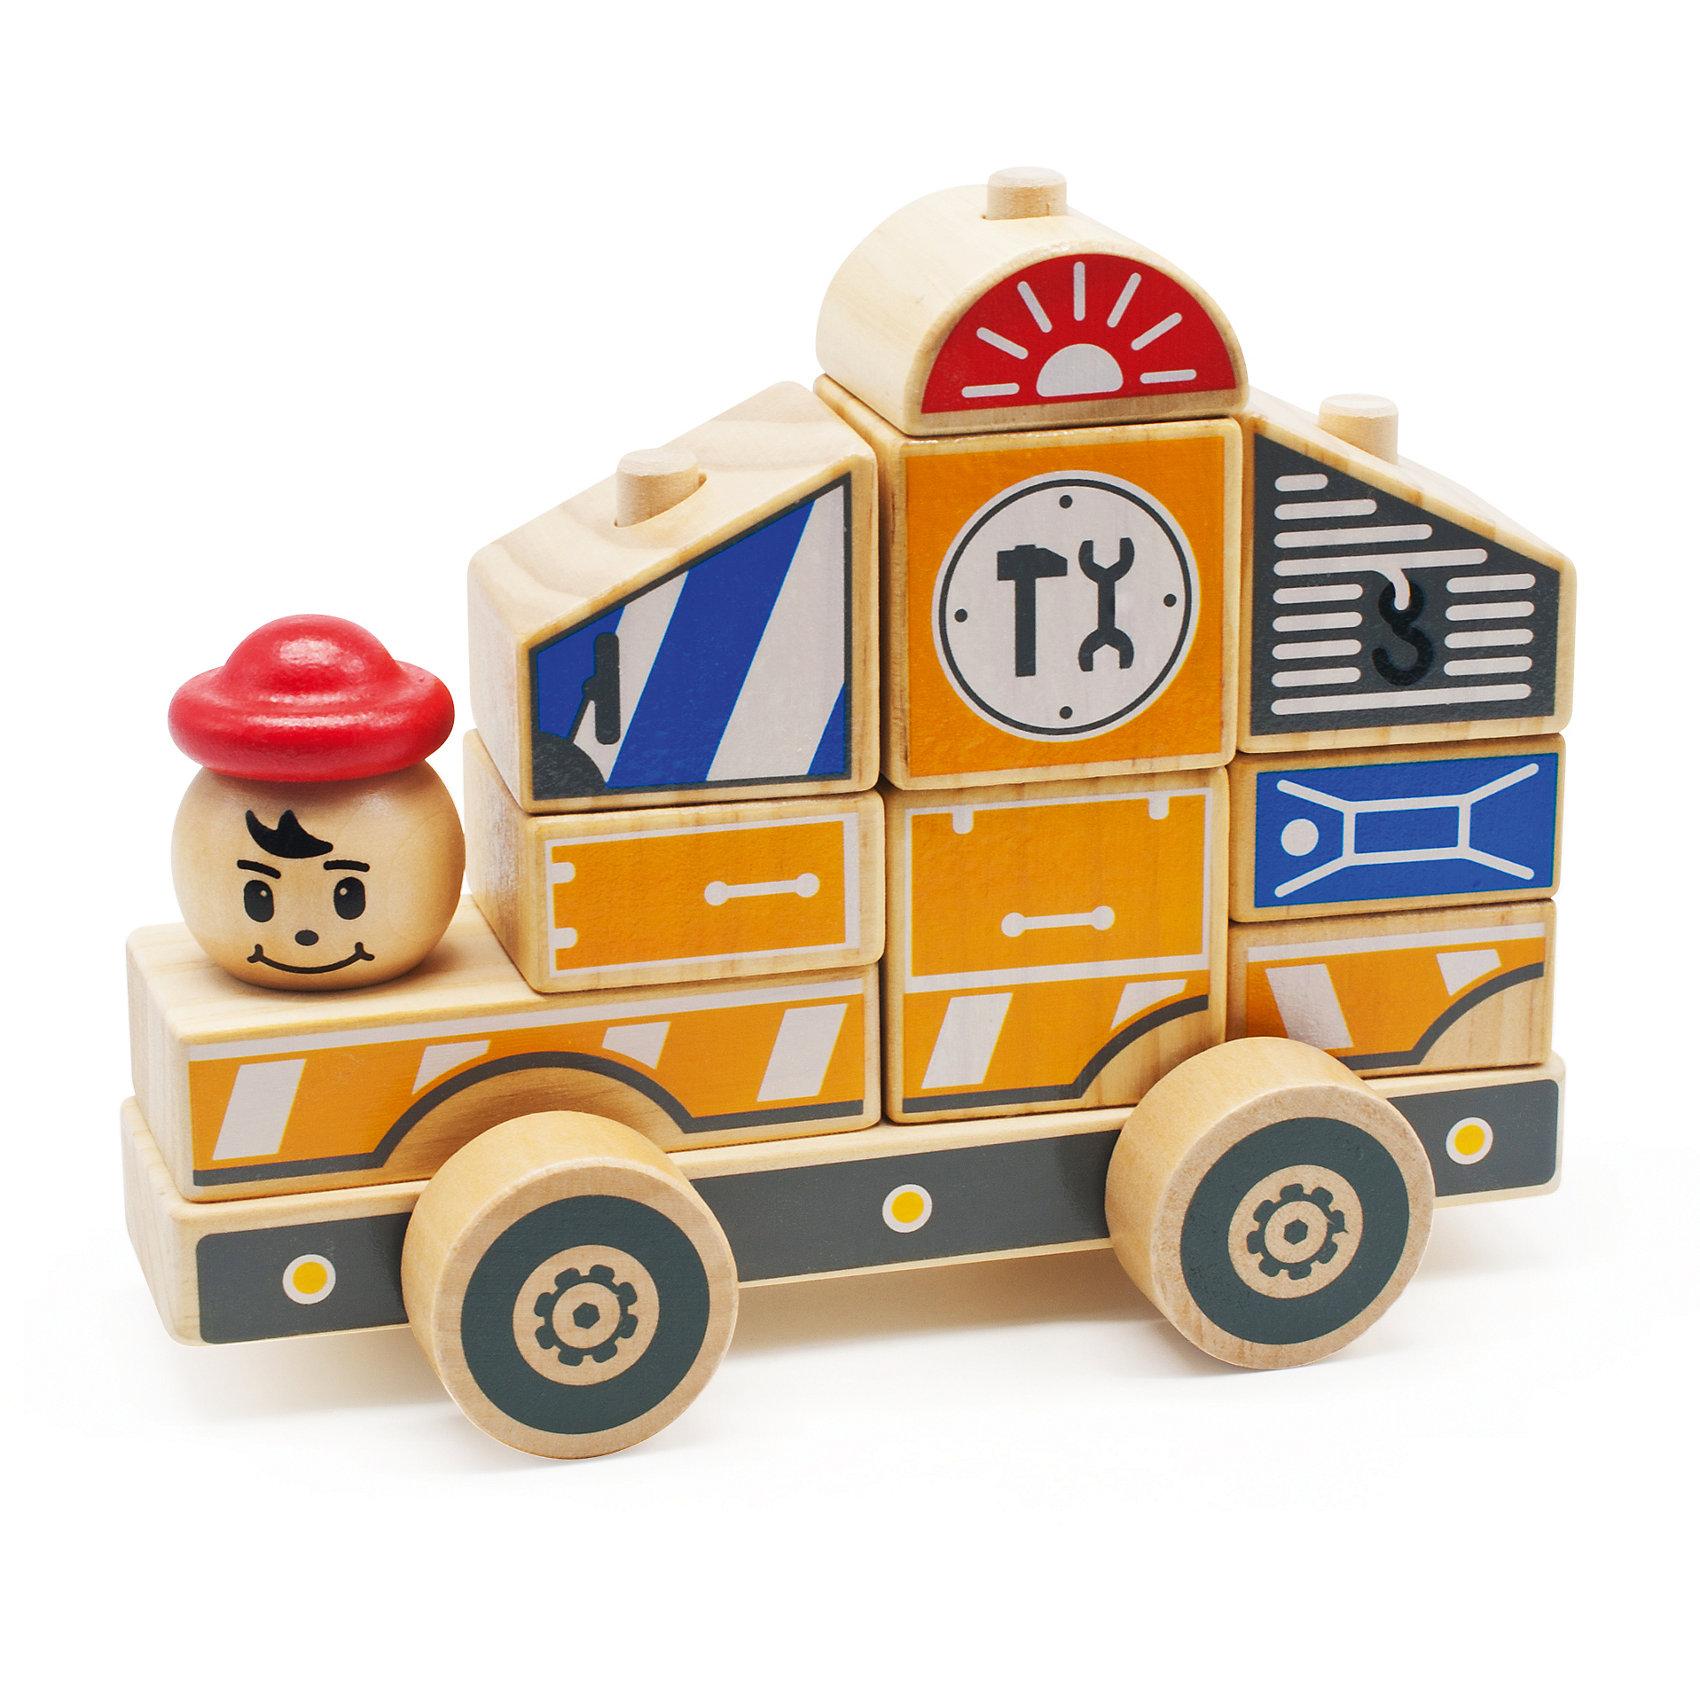 Автомобиль-конструктор 3, Мир деревянных игрушек